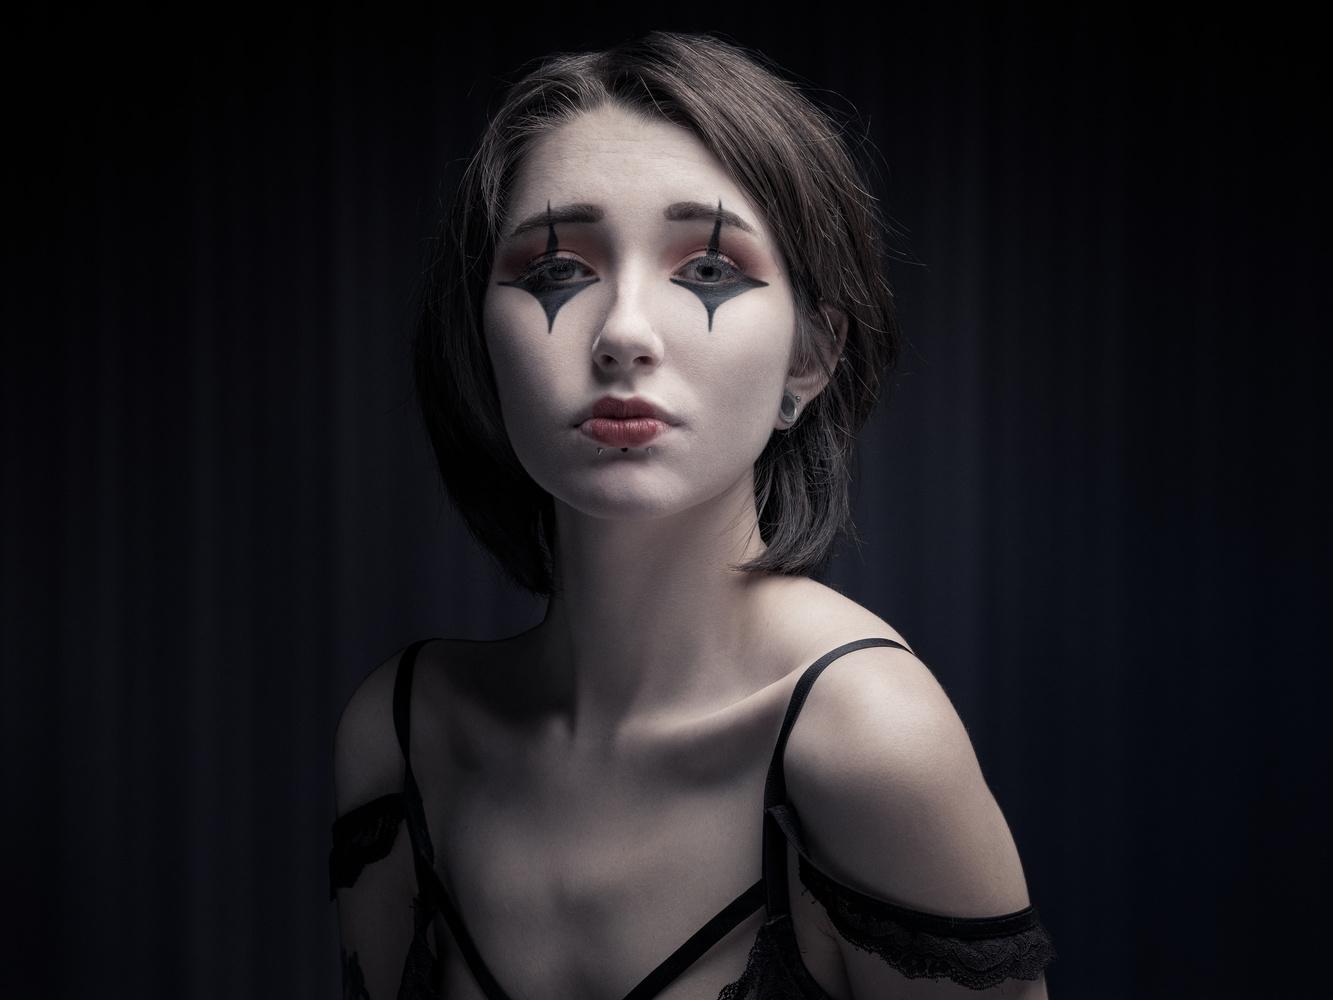 Une poupée solitaire by stephane rouxel